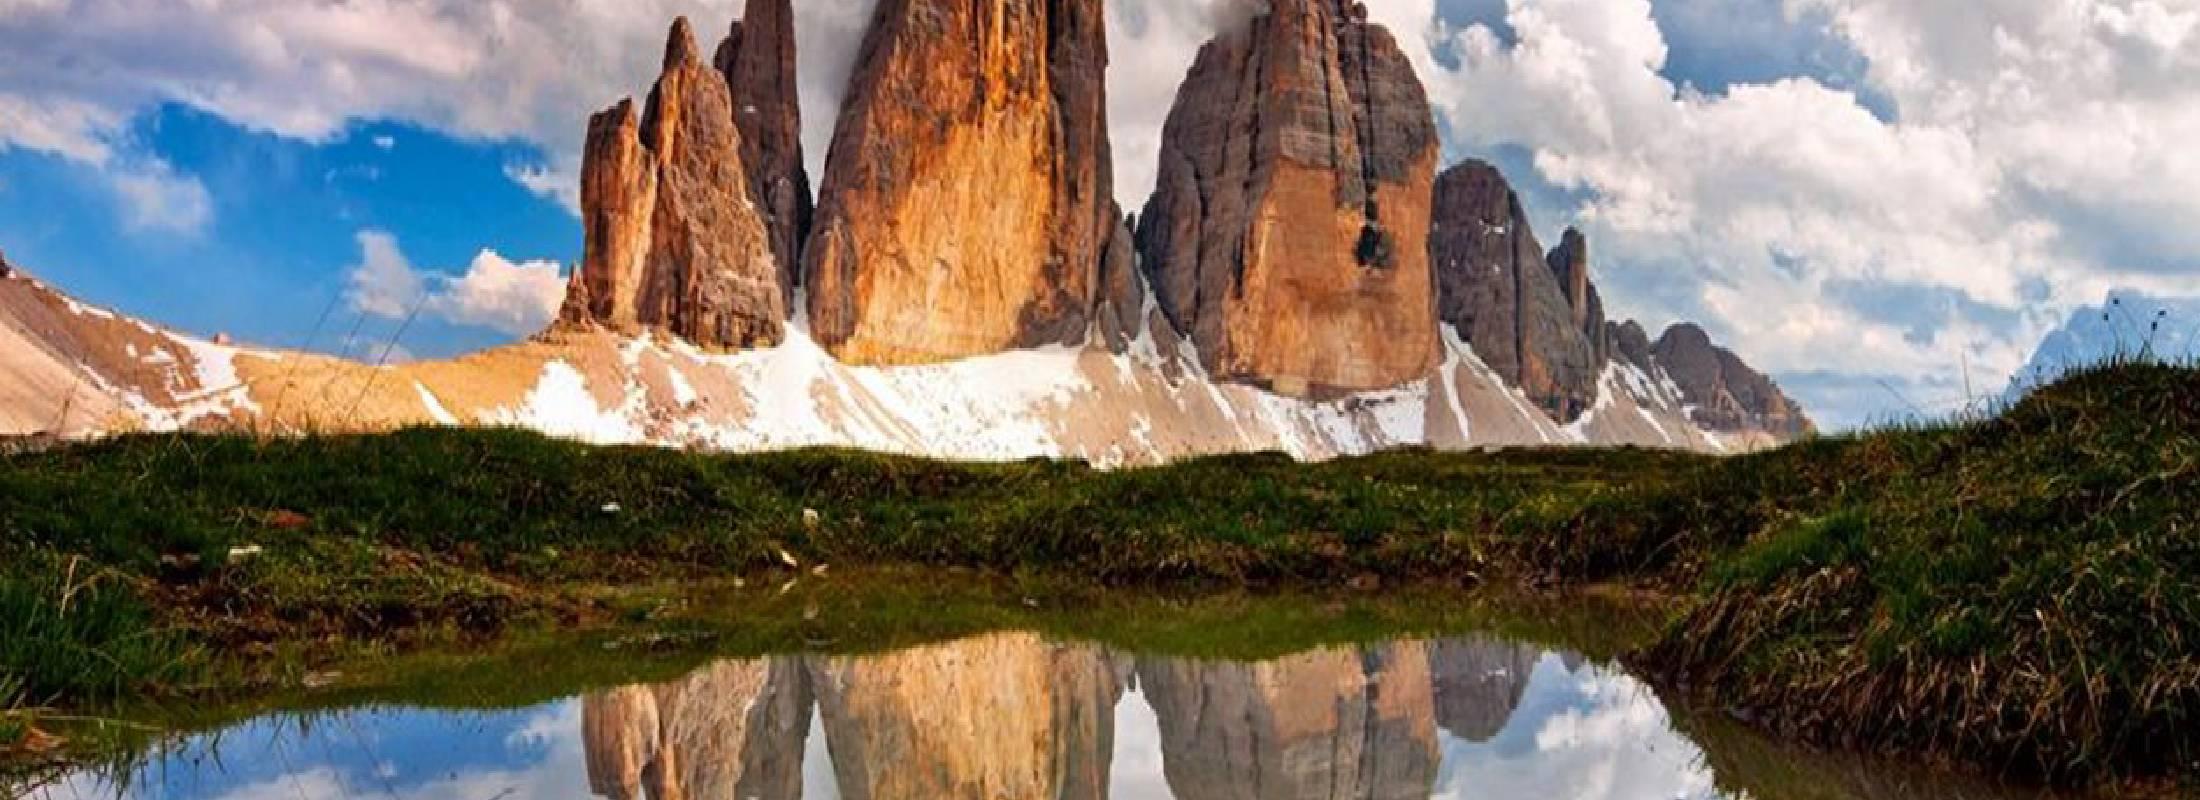 Reflejo de las colinas de los dolomitas, escalada en roca